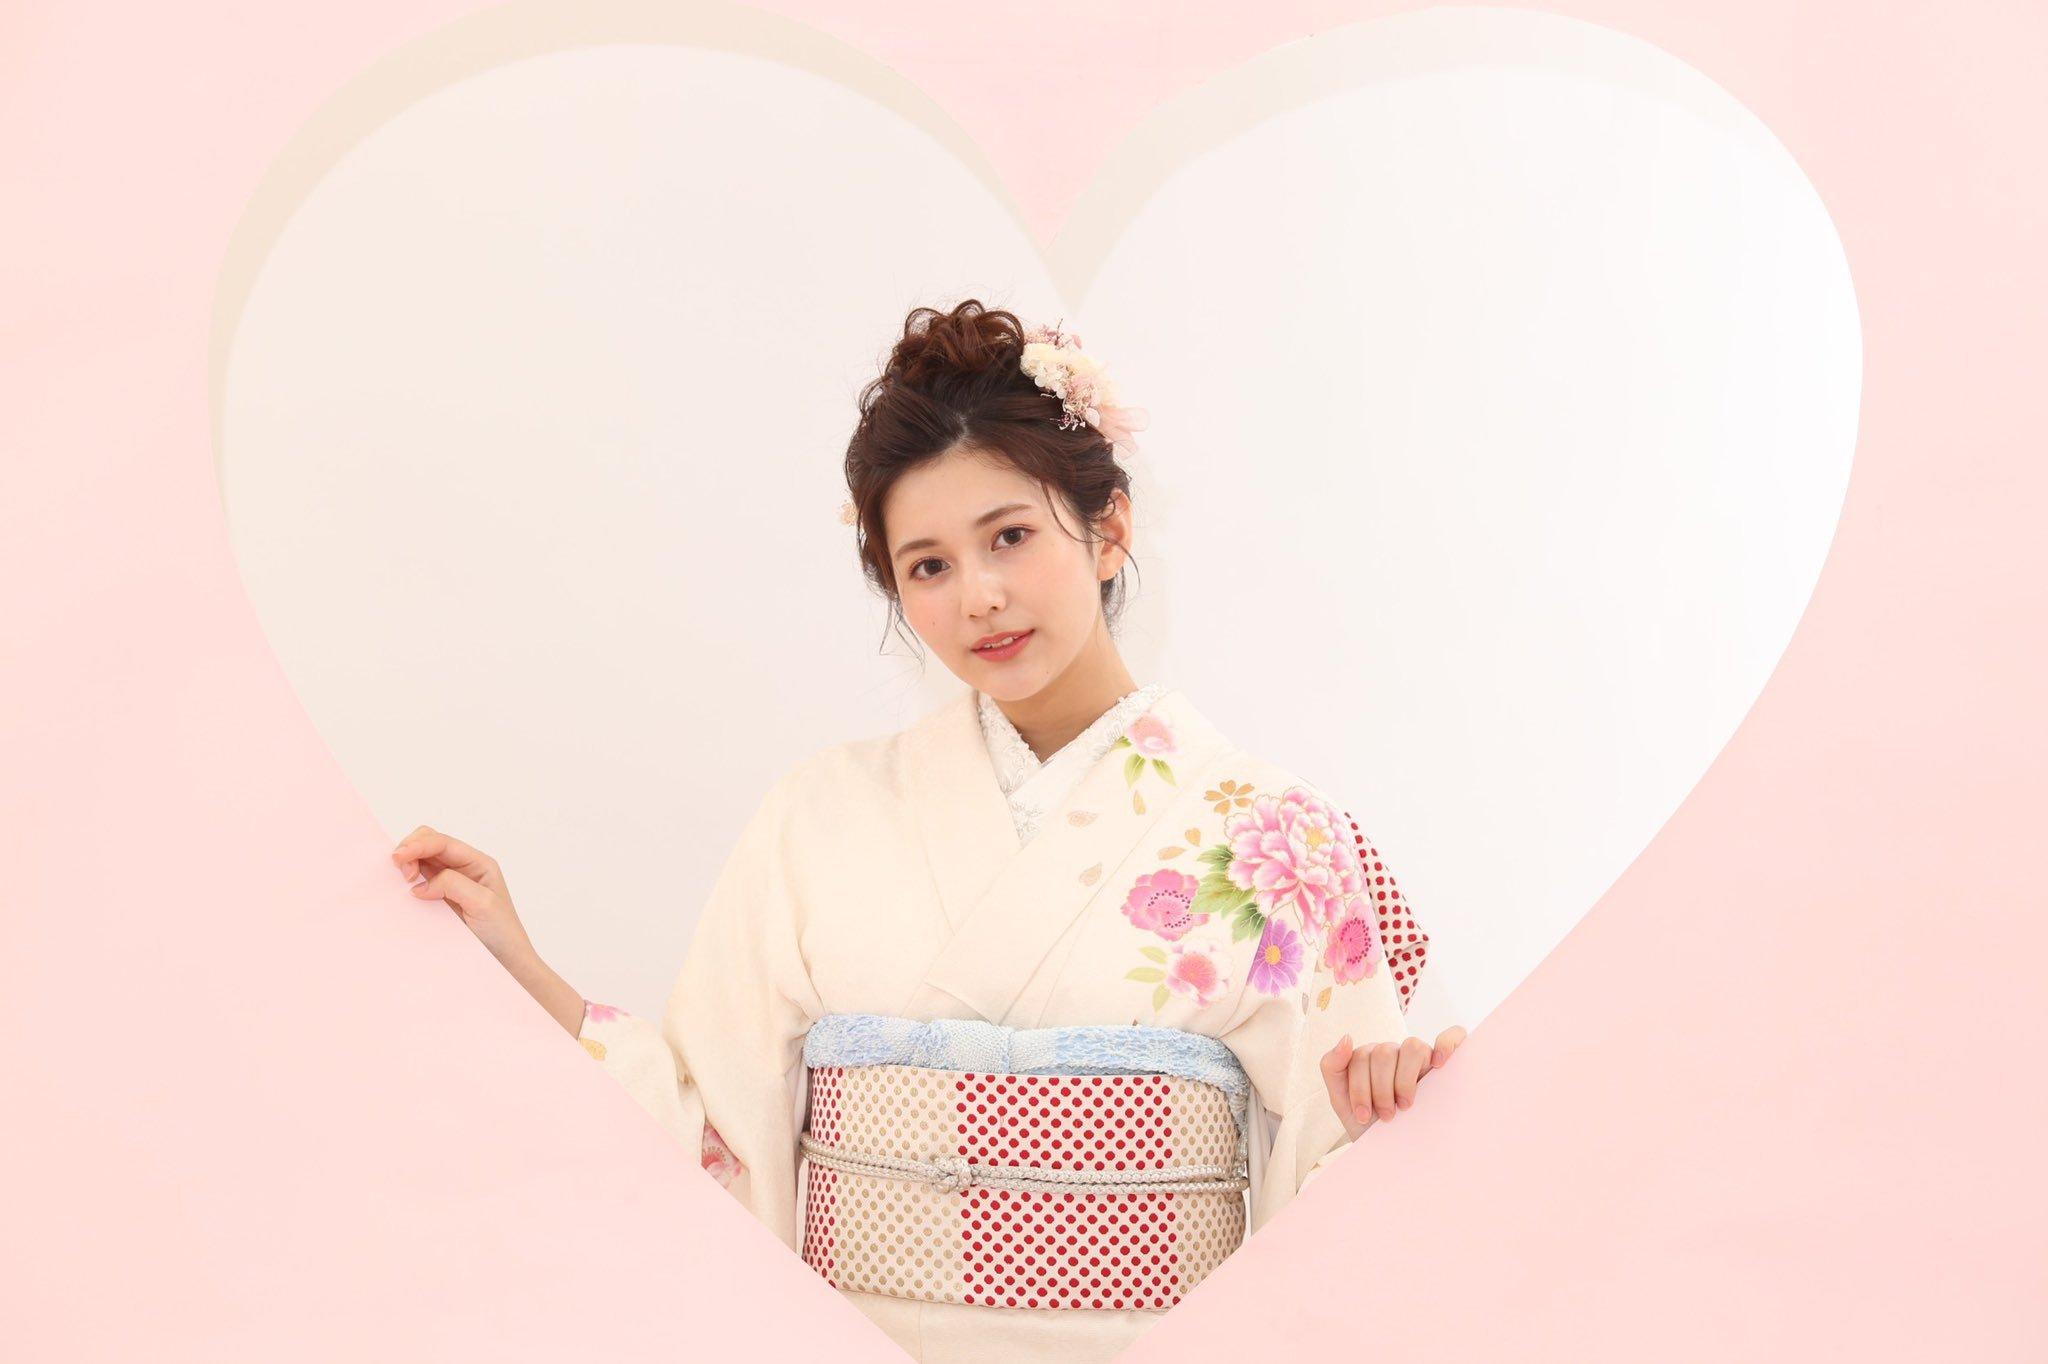 [日本]2020年杂志选美冠军新井遥超嫩脸蛋迷倒众人 养眼图片 第1张